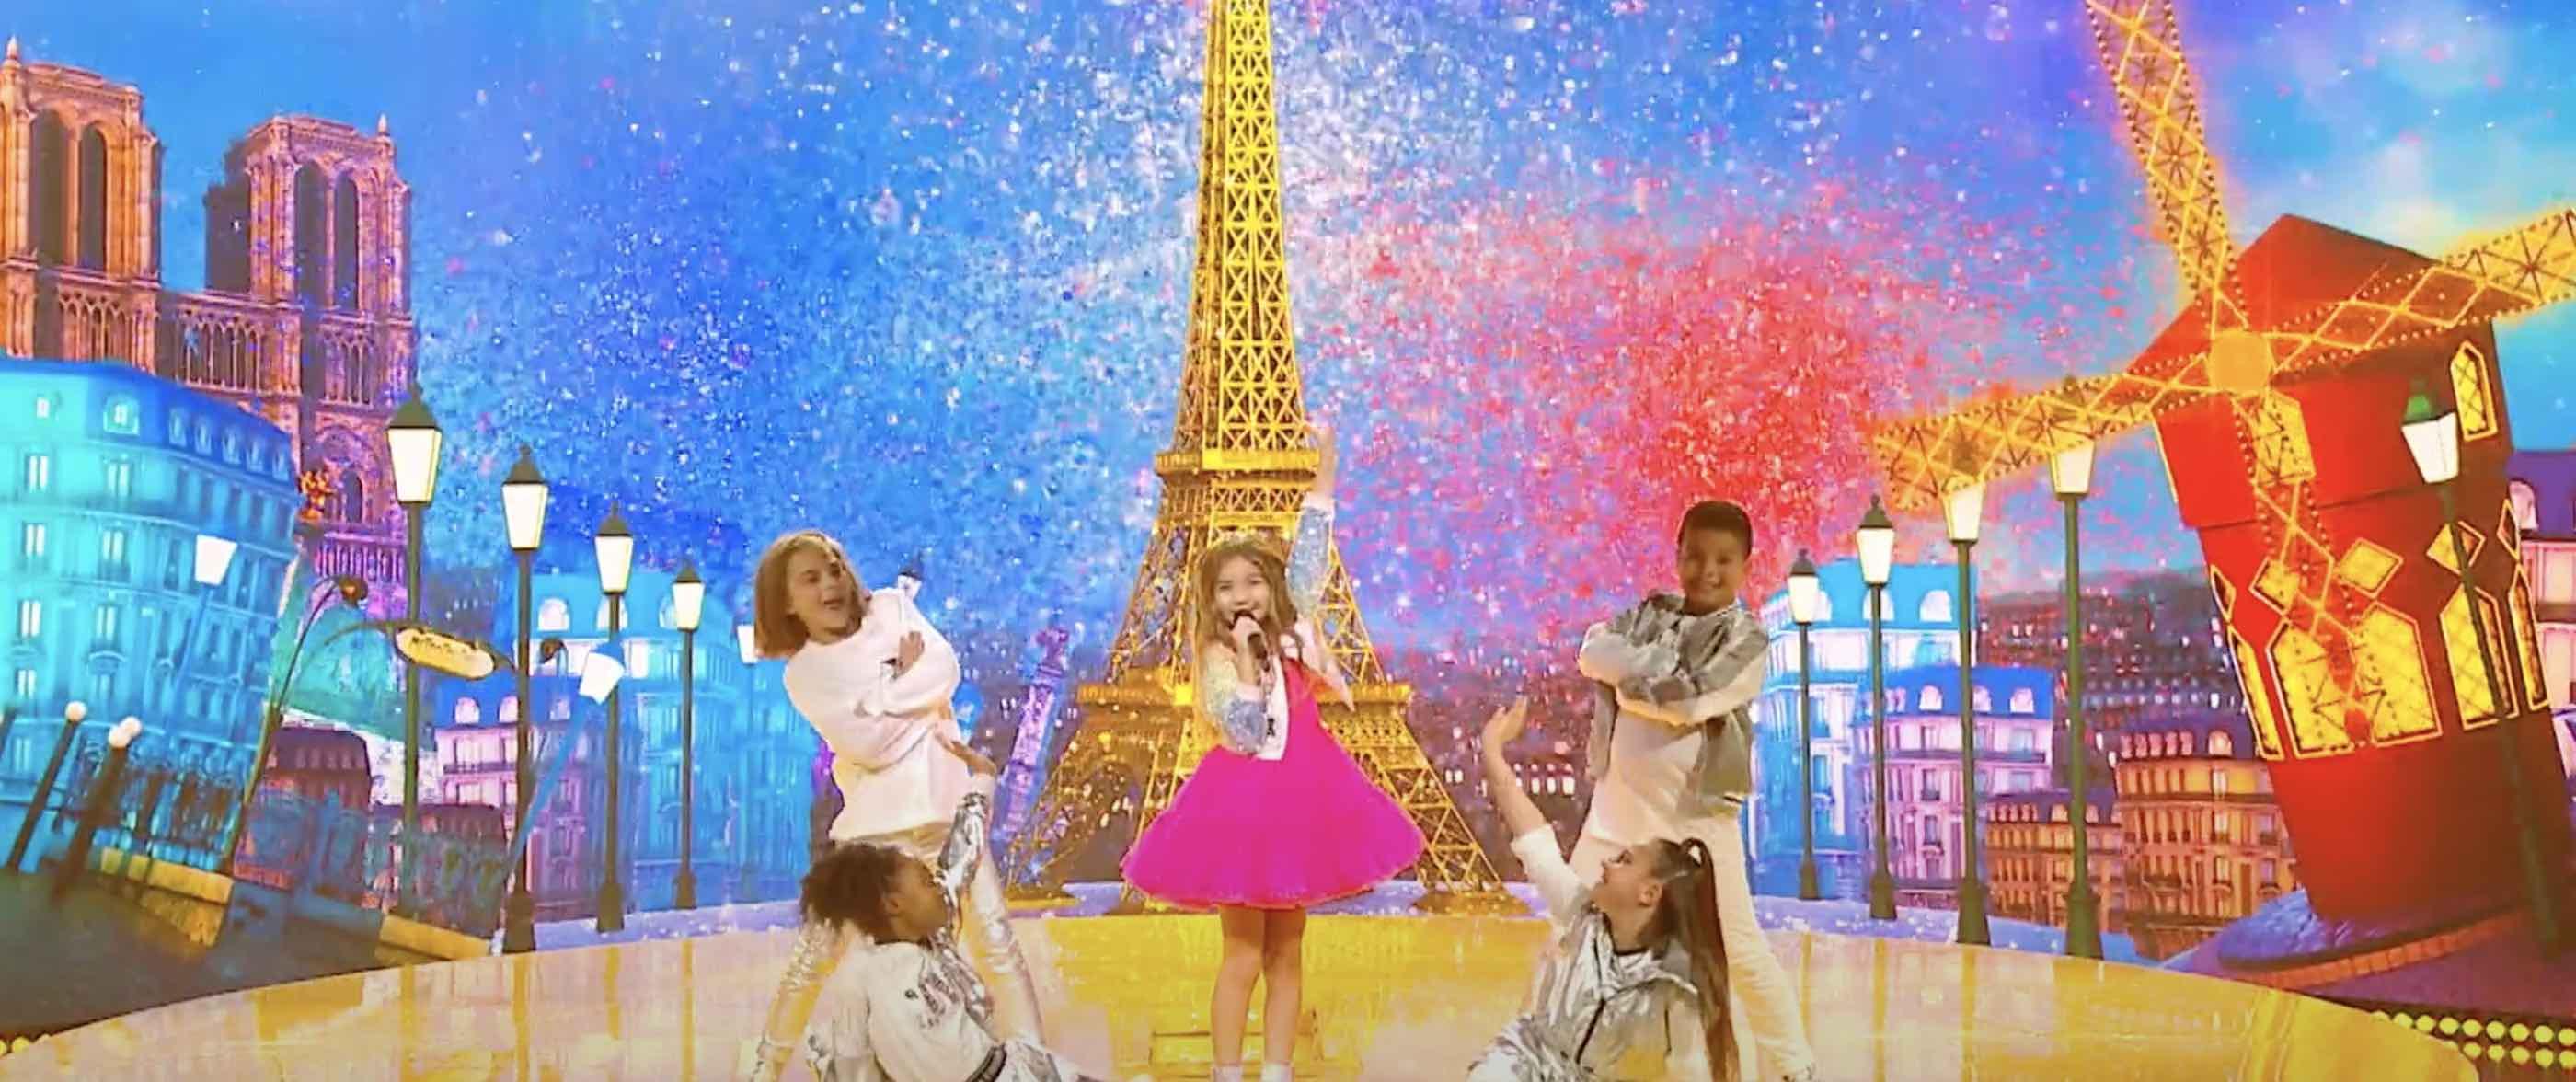 Valentina - Eurovision Junior 2020 - Eurovision Junior - J'imagine - Victoire - France